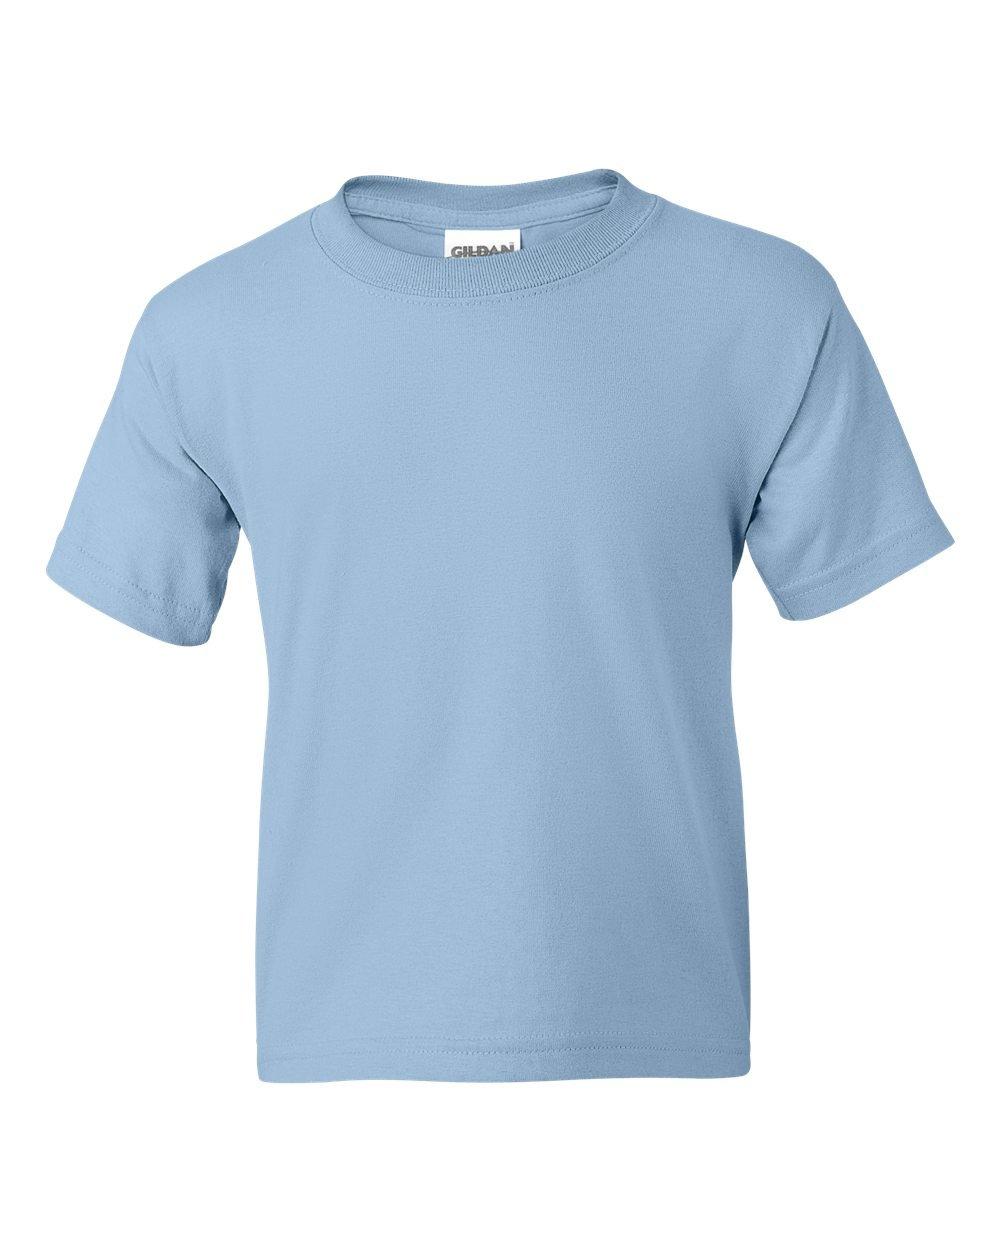 Gildan DryBlend 50/50 Youth T-Shirt, Light Blue, Small